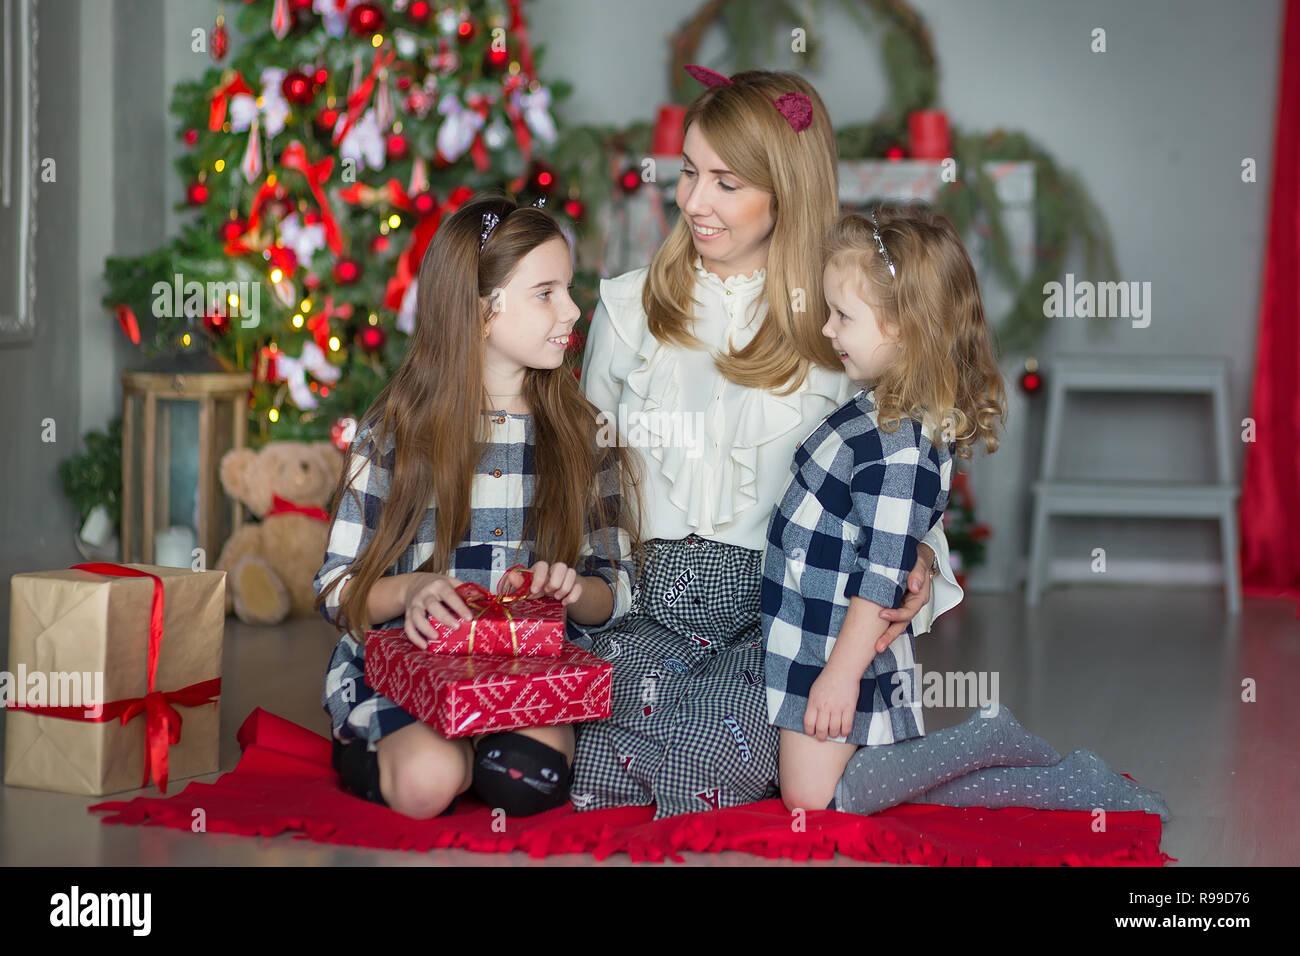 73ddb9ec63adf Super cute blonde mère mère de deux filles filles célébrant Noël Nouvel An  près d arbre de Noël pleine de jouets dans l élégant quartier de robes avec  des ...